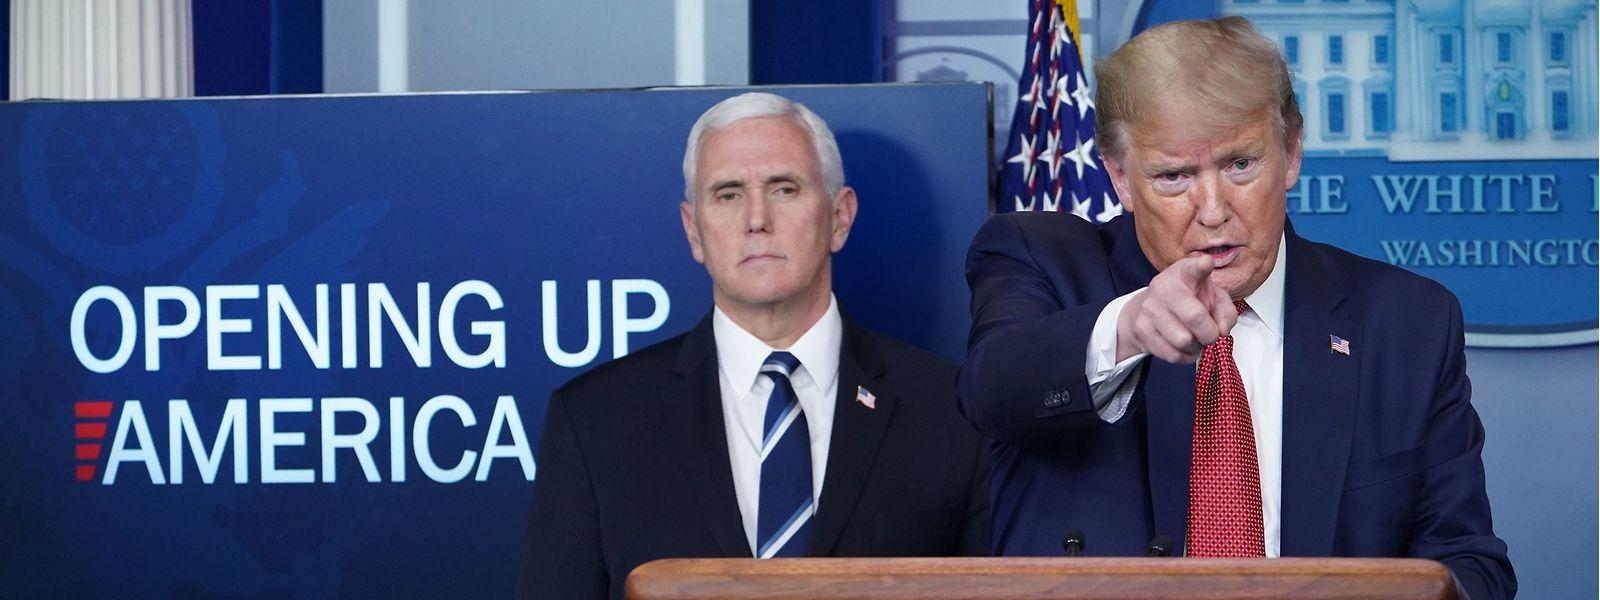 US-Präsident Donald Trump und Vizepräsident Mike Pence während einer Pressekonferenz im Weißen Haus.